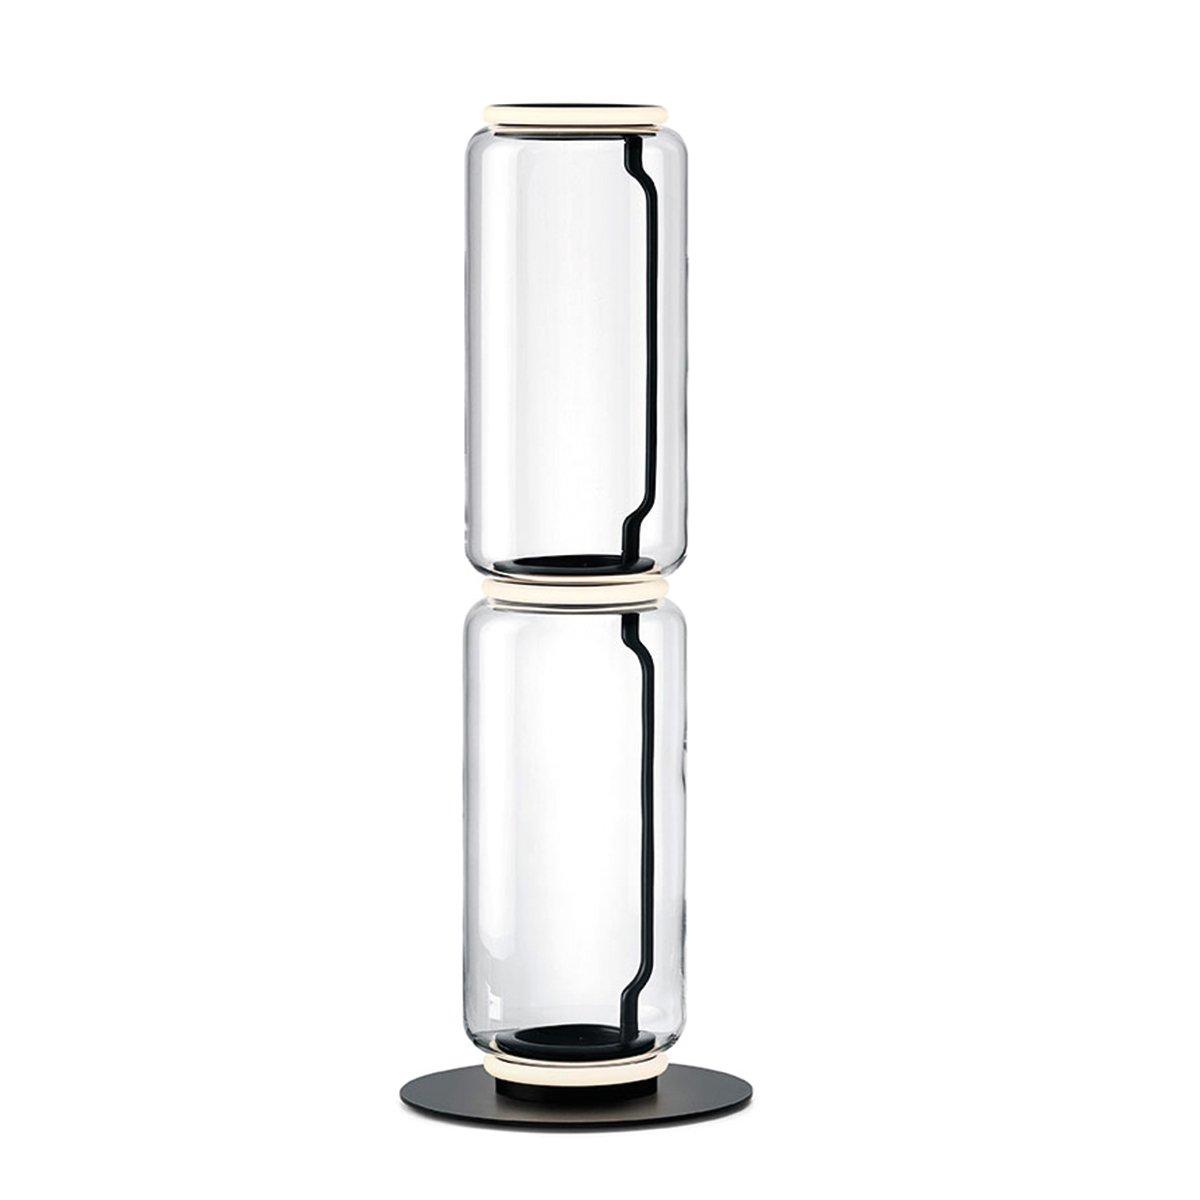 FLOS Noctambule Vloerlamp - 2 High Cylinders